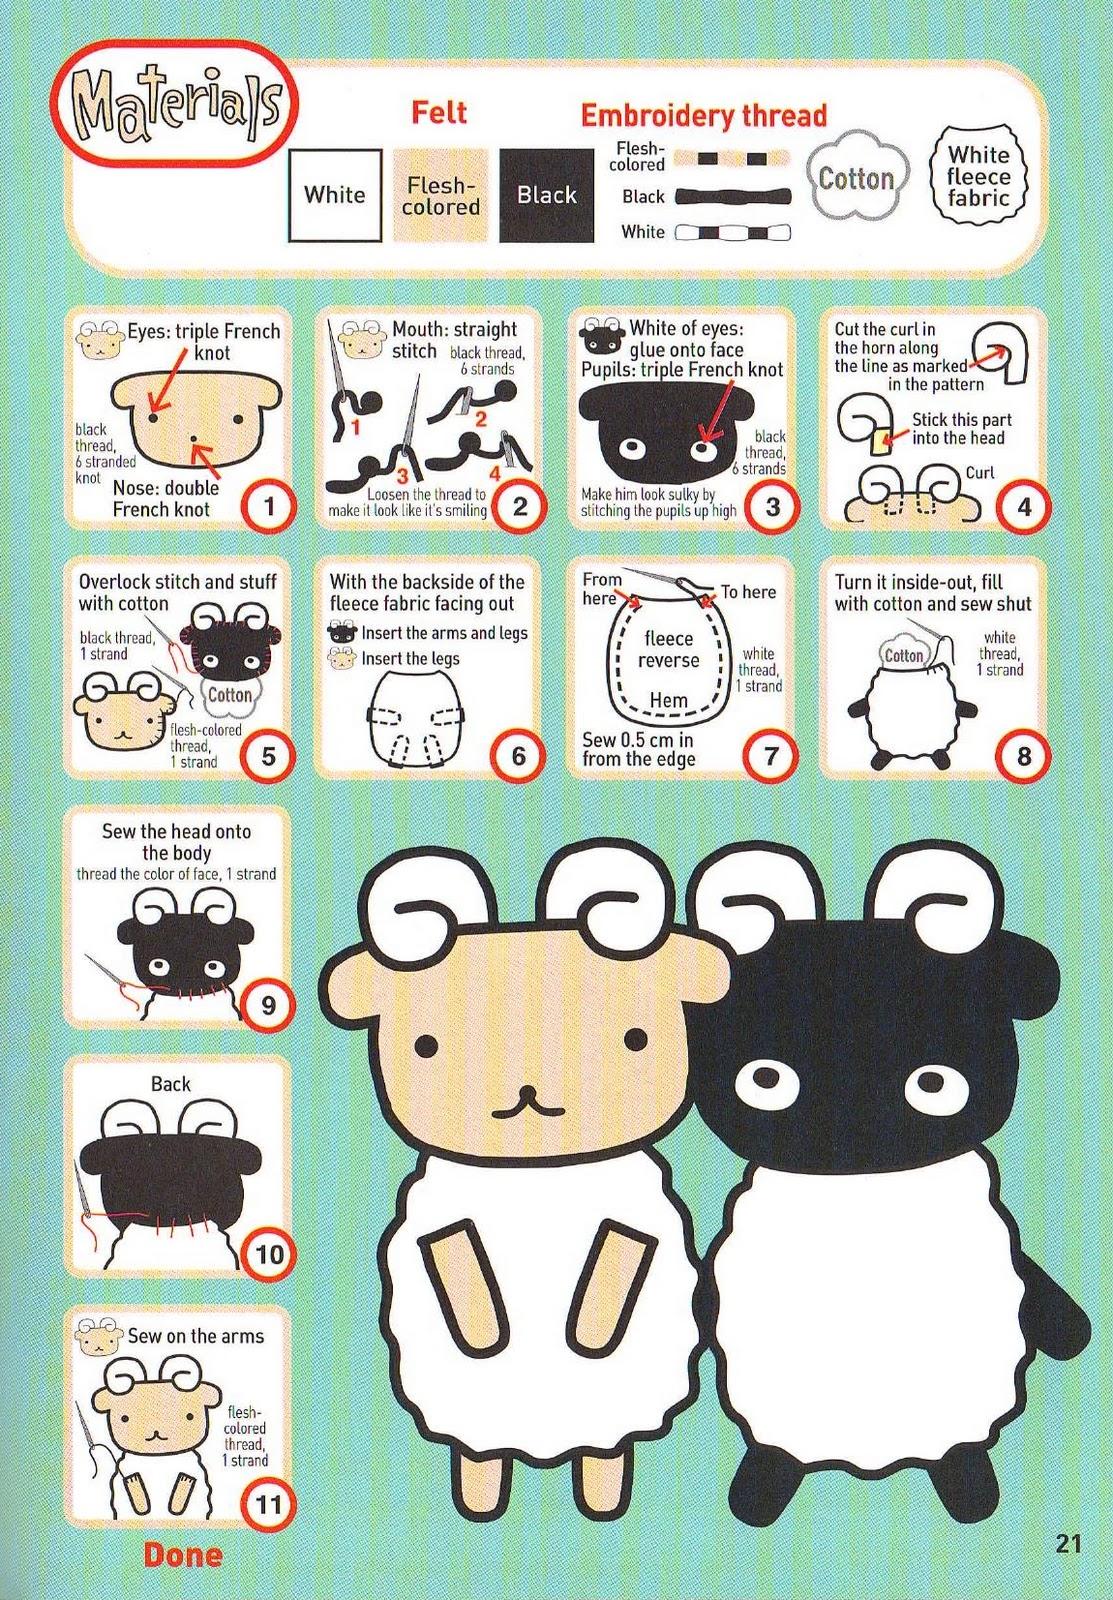 confeccionar estas cute ovejitas ya me contaran, besos a todas